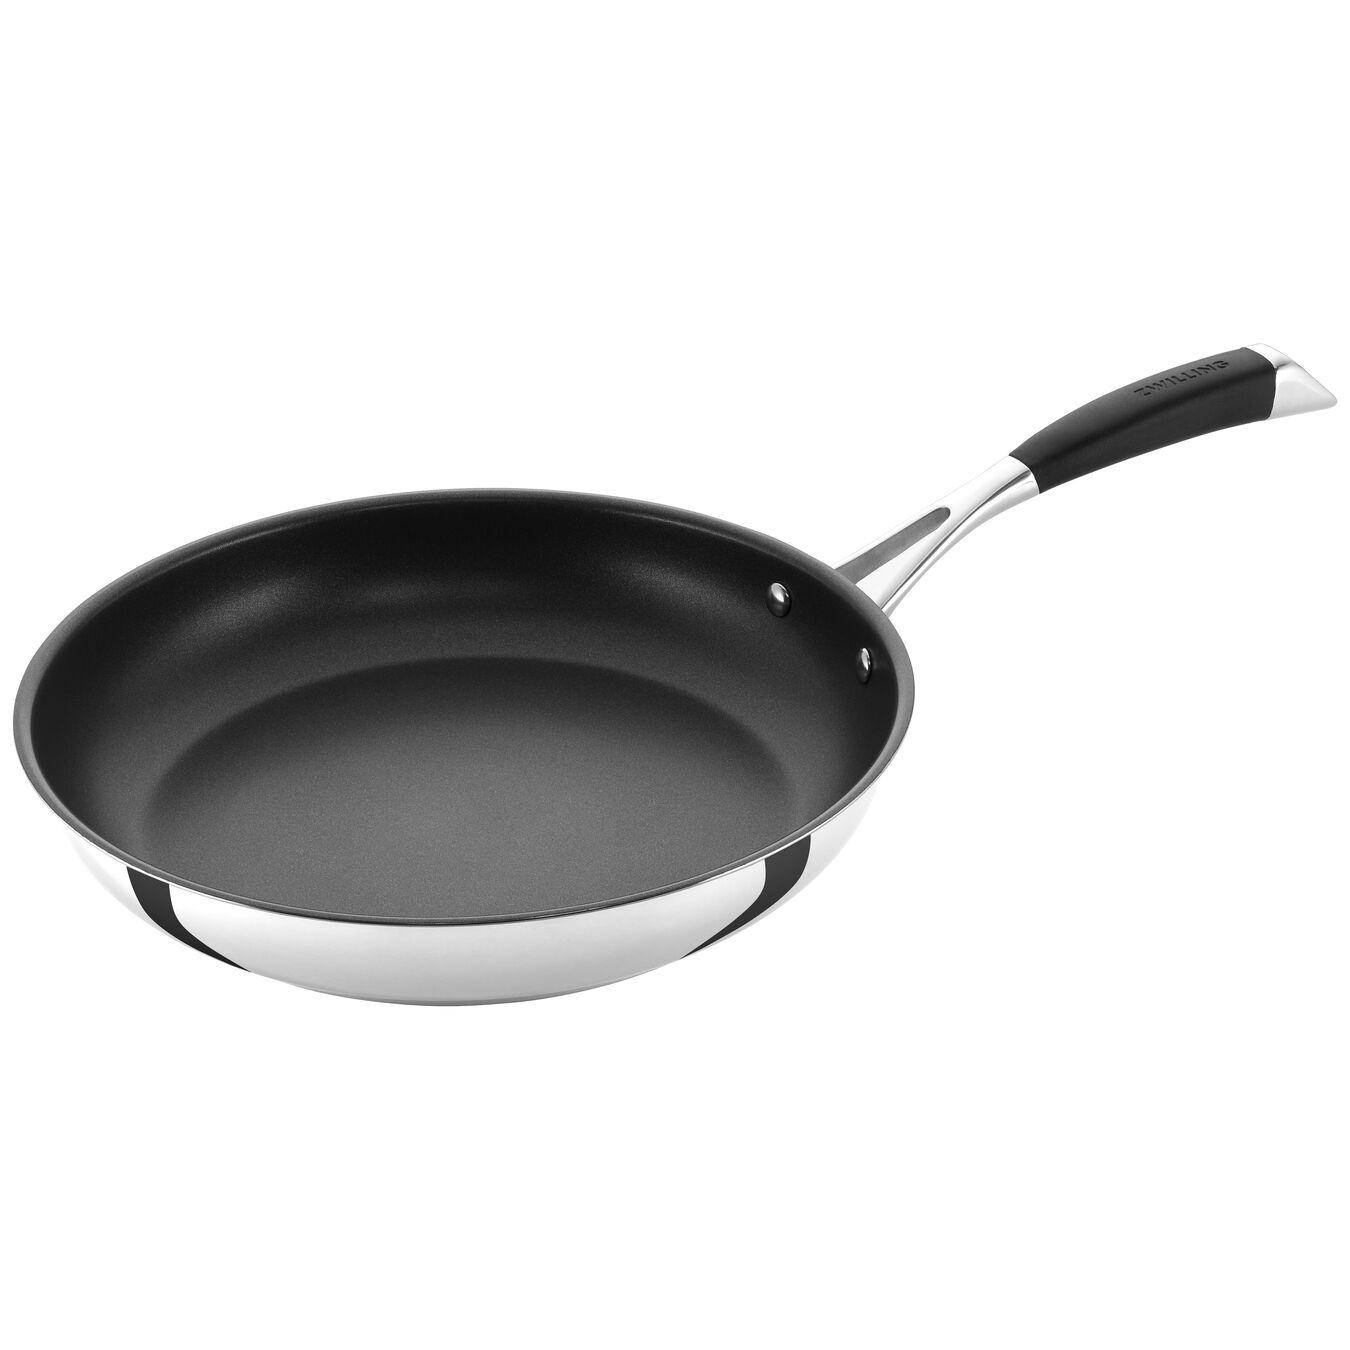 Poêle 28 cm, Acier inoxydable, Noir argenté,,large 4